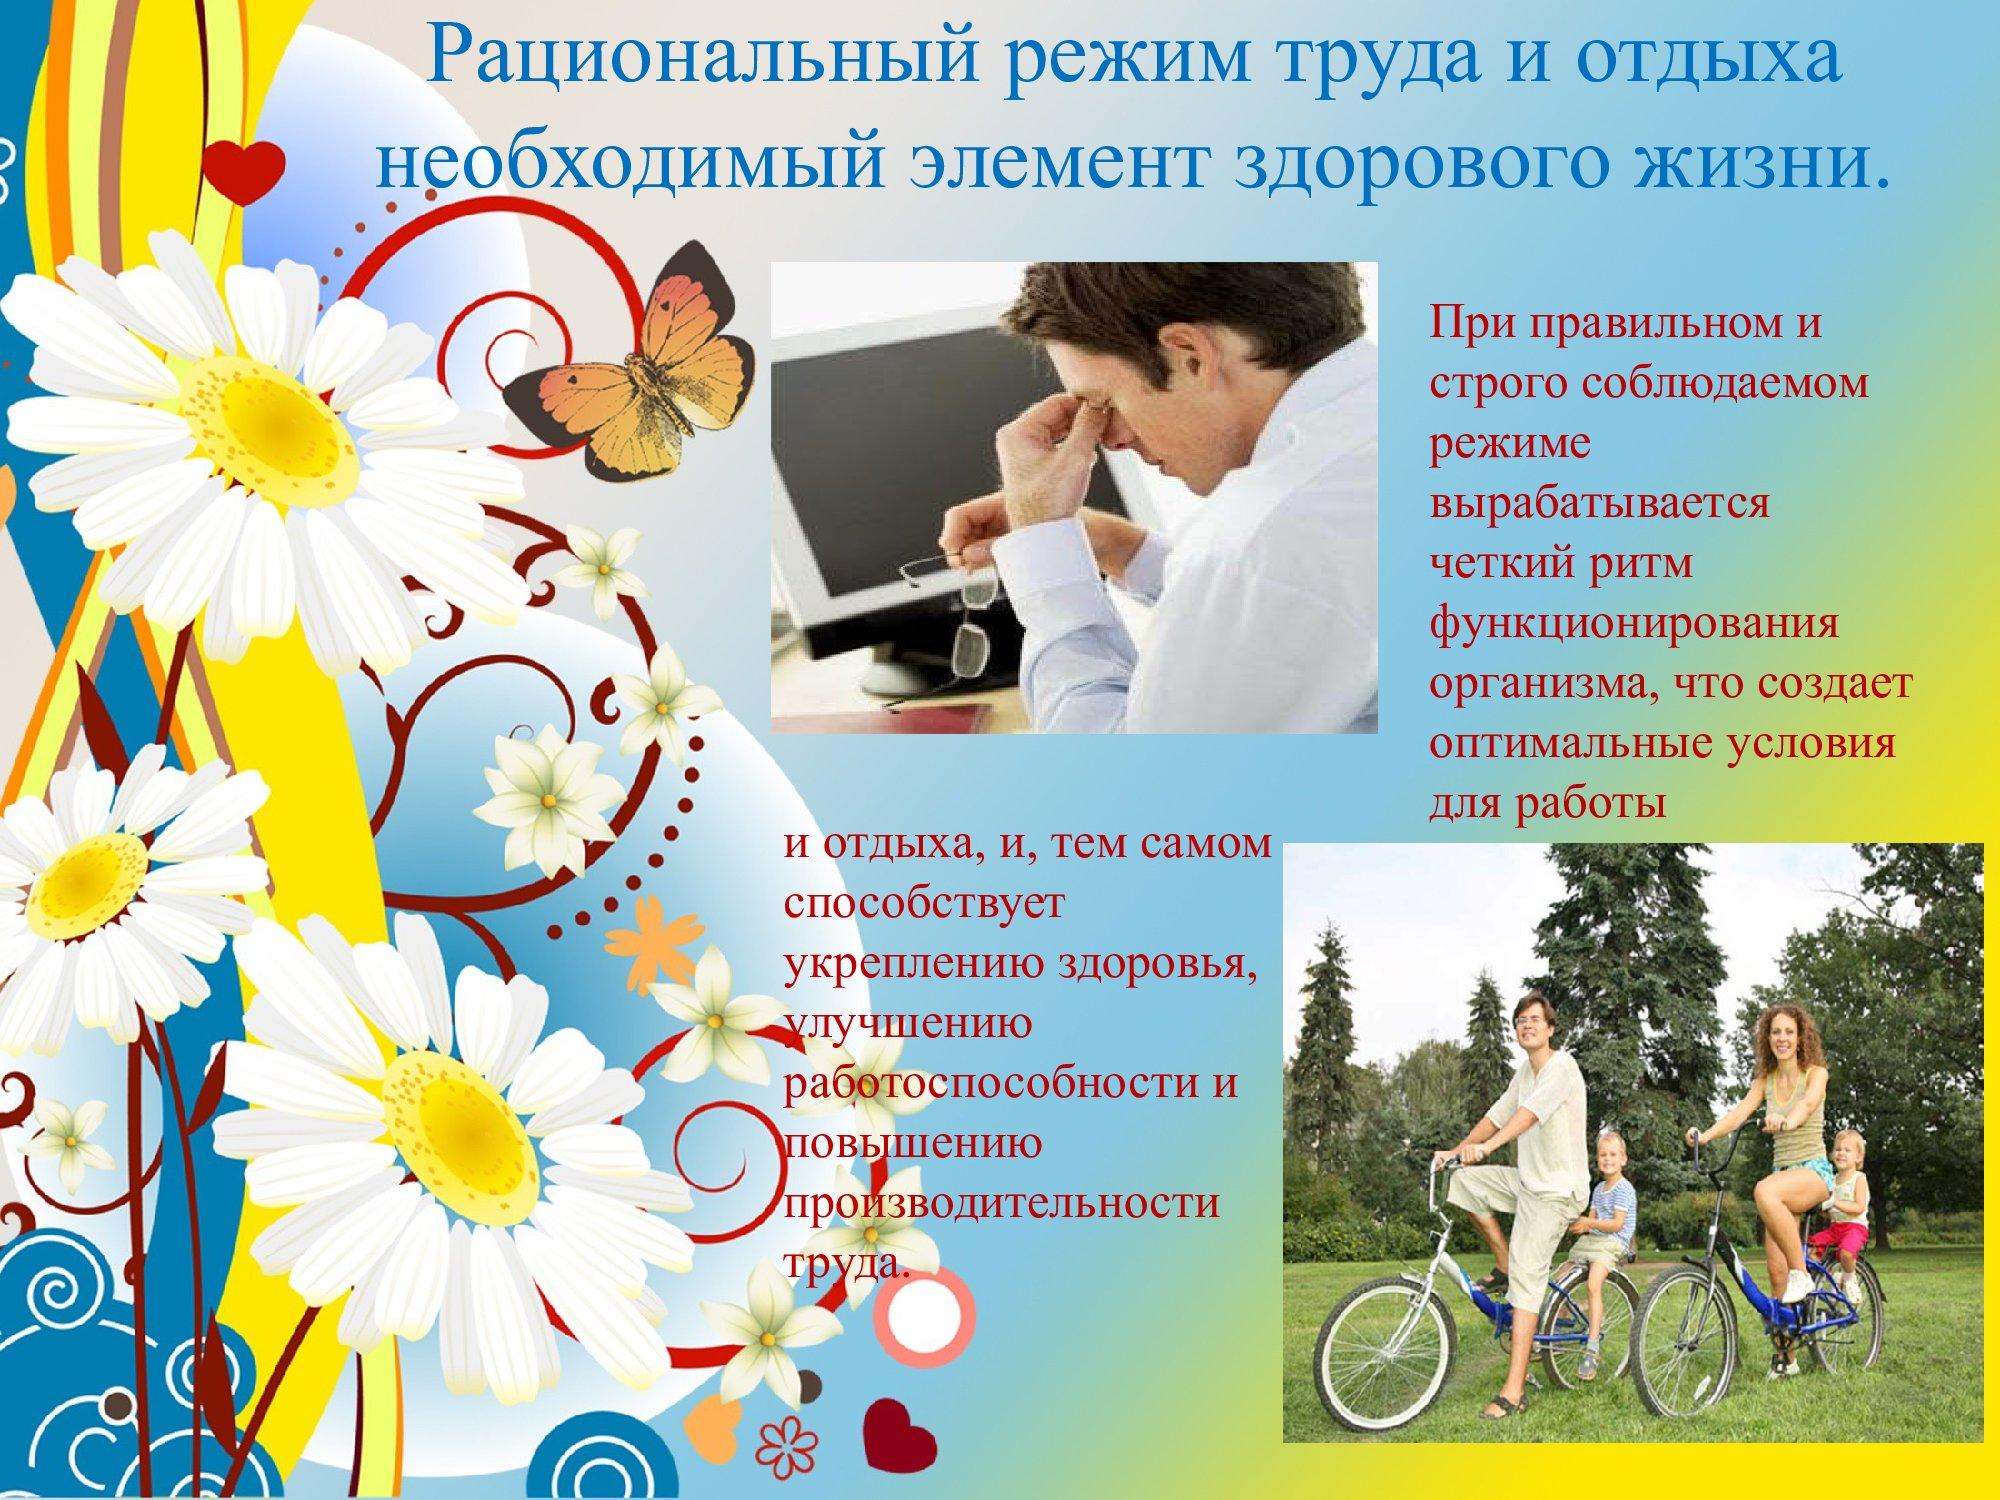 C:\Users\1\Desktop\Здоровый образ жизни- это здорово!\0d3f49af958f89a9-11.jpg